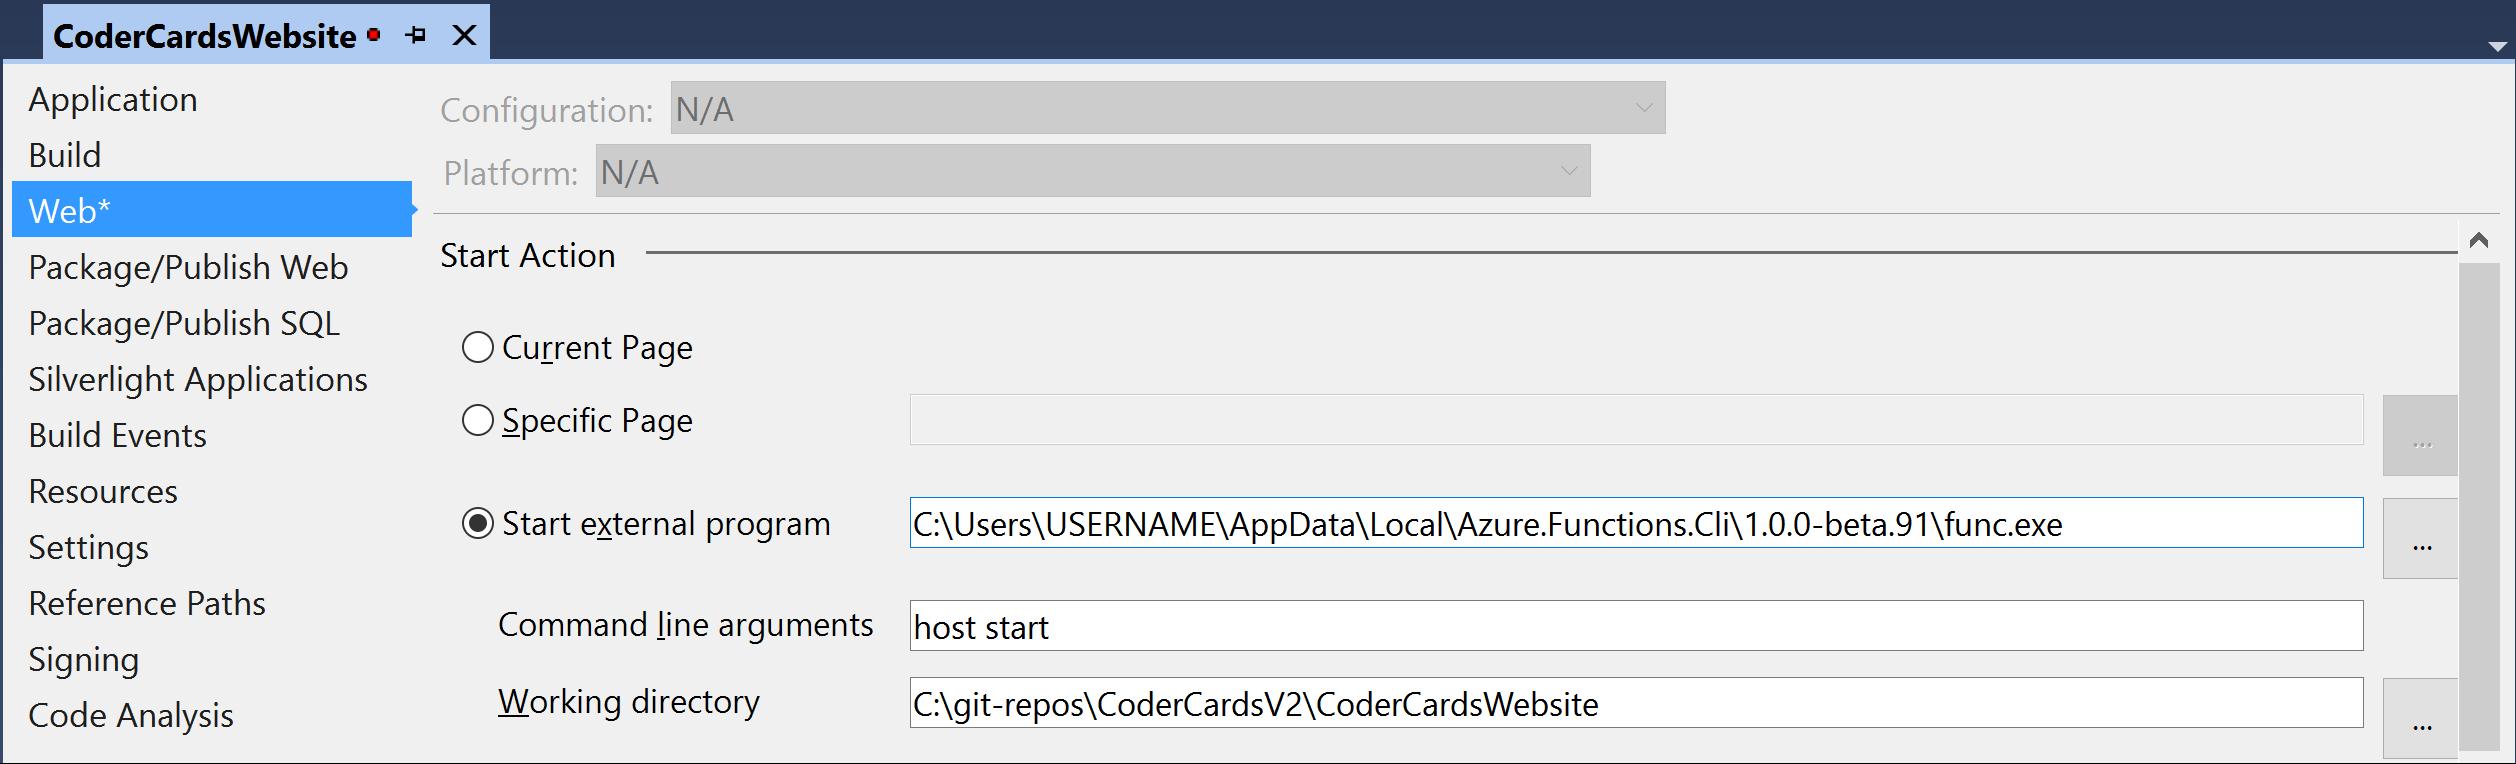 Start external program settings